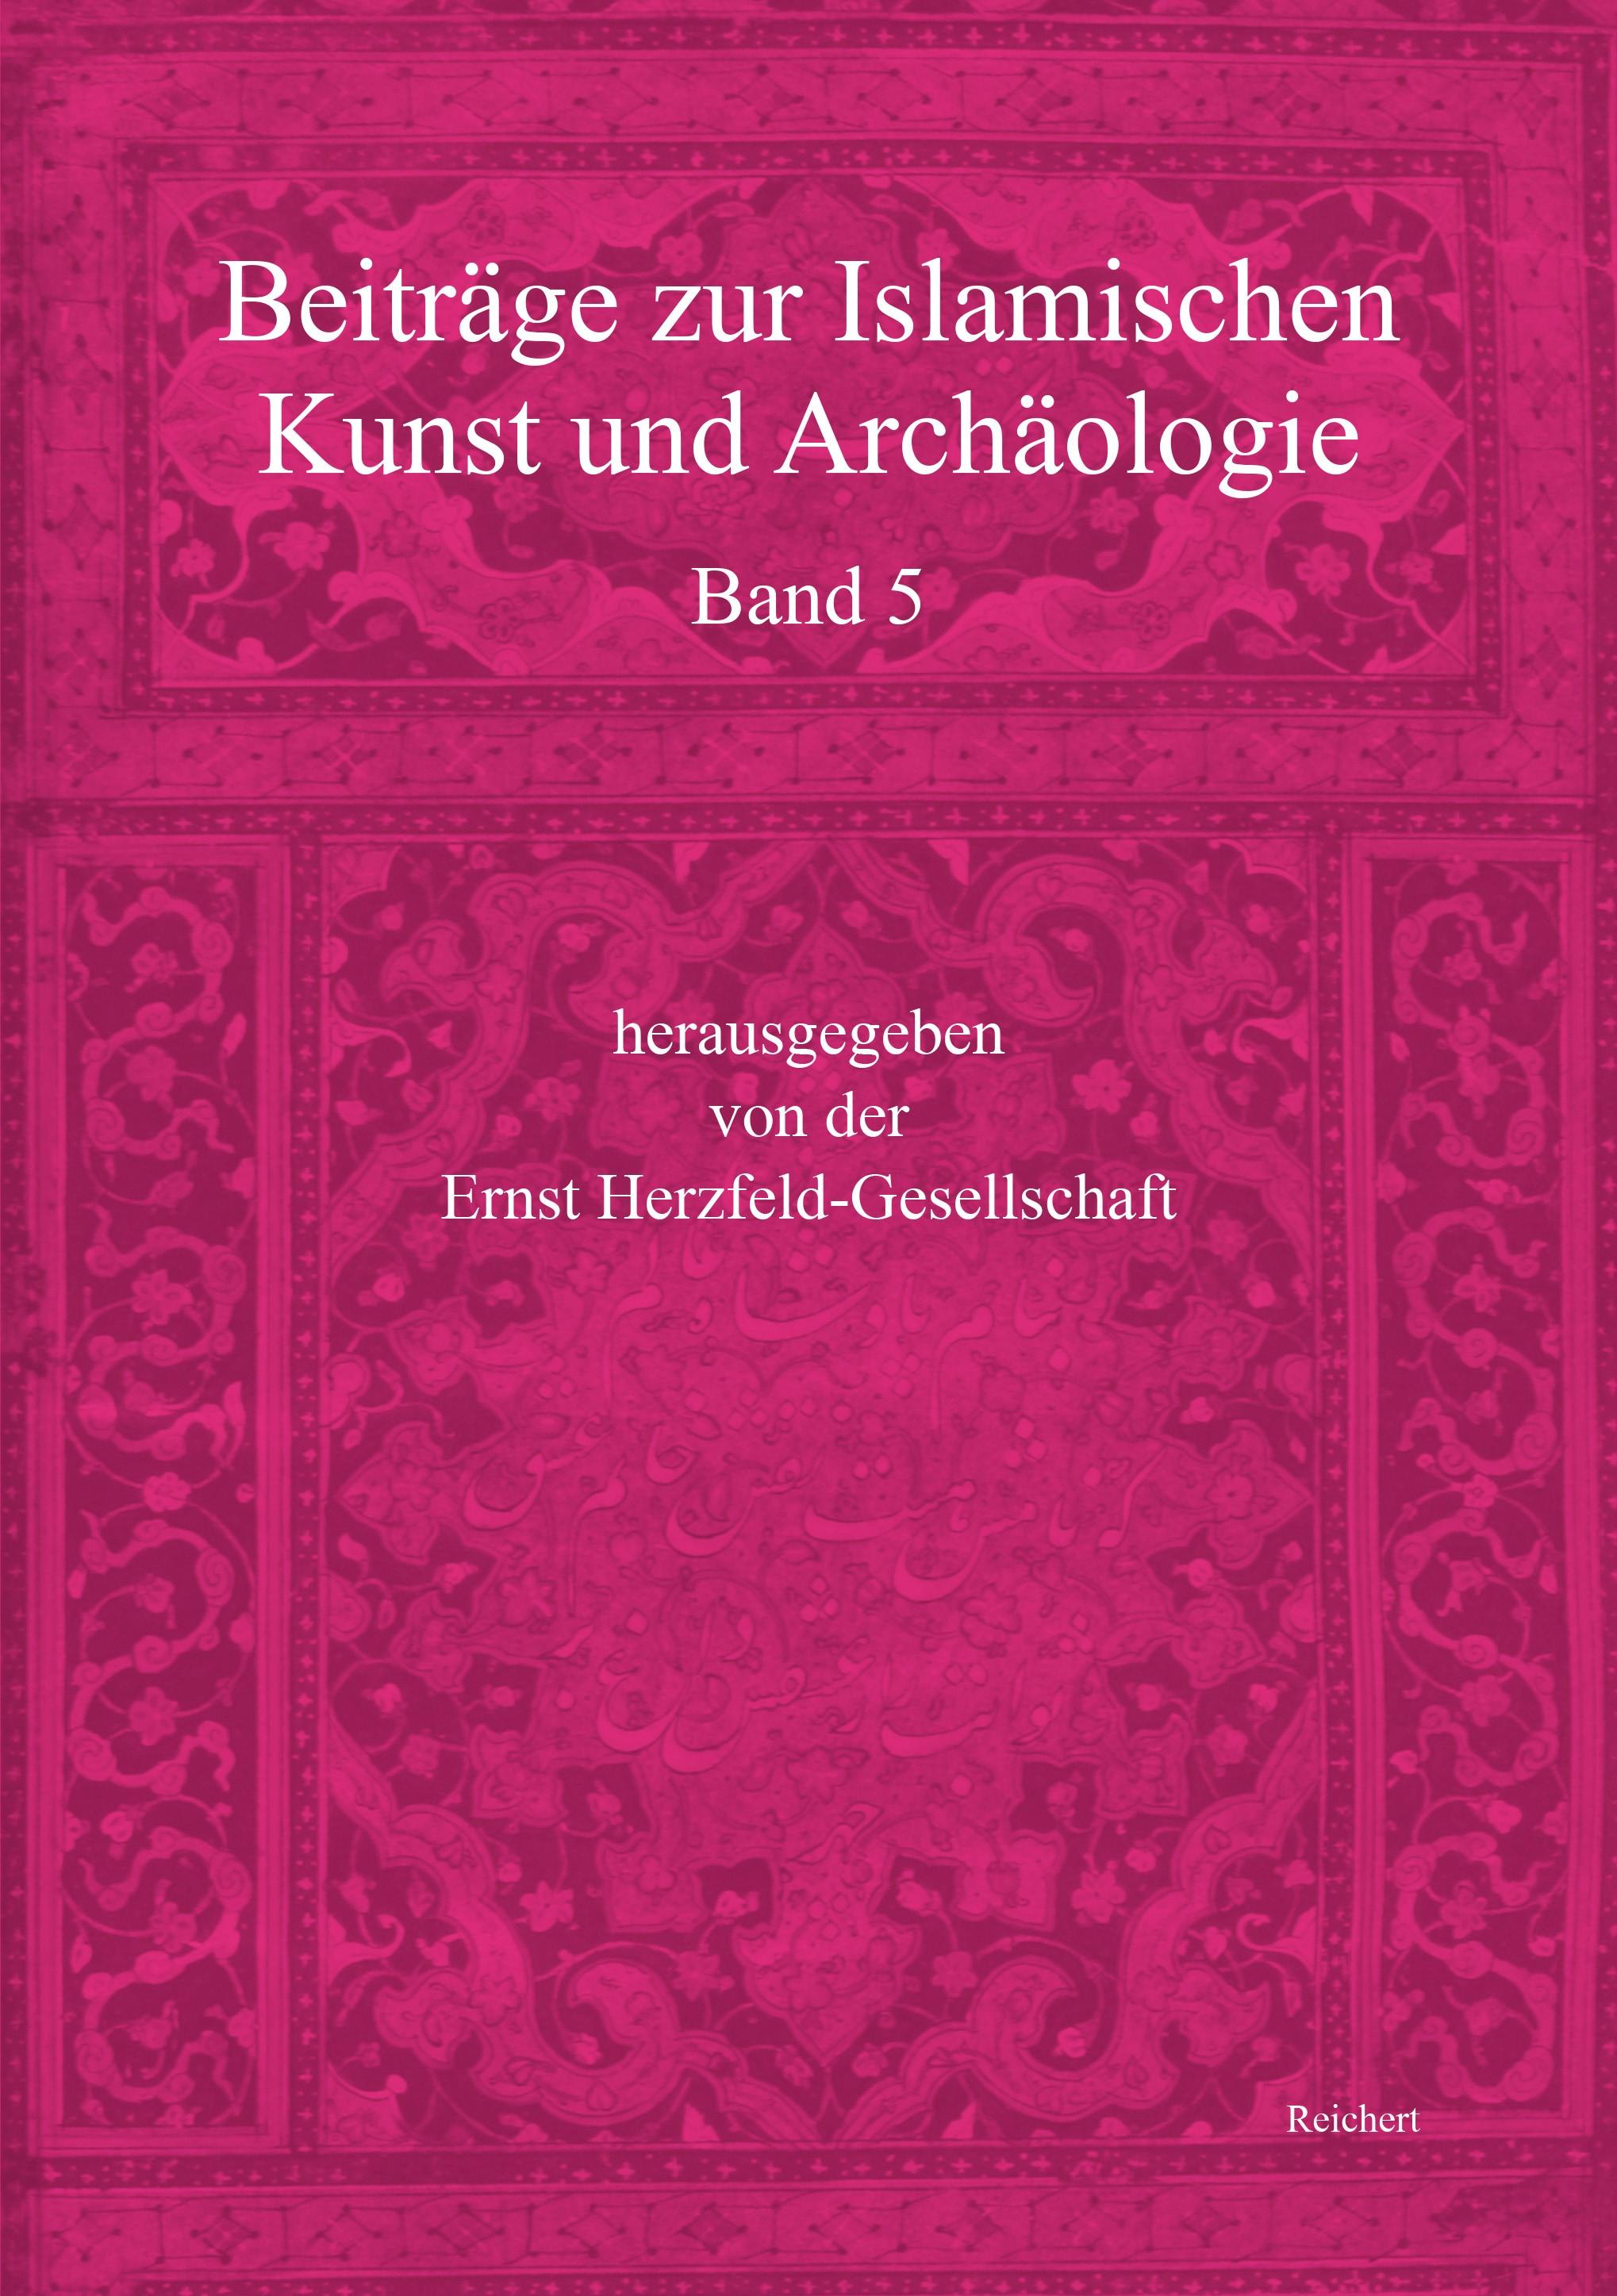 Beiträge zur Islamischen Kunst und Archäologie | / Ritter / Sturkenboom / Valdéz Fernandéz, 2017 | Buch (Cover)